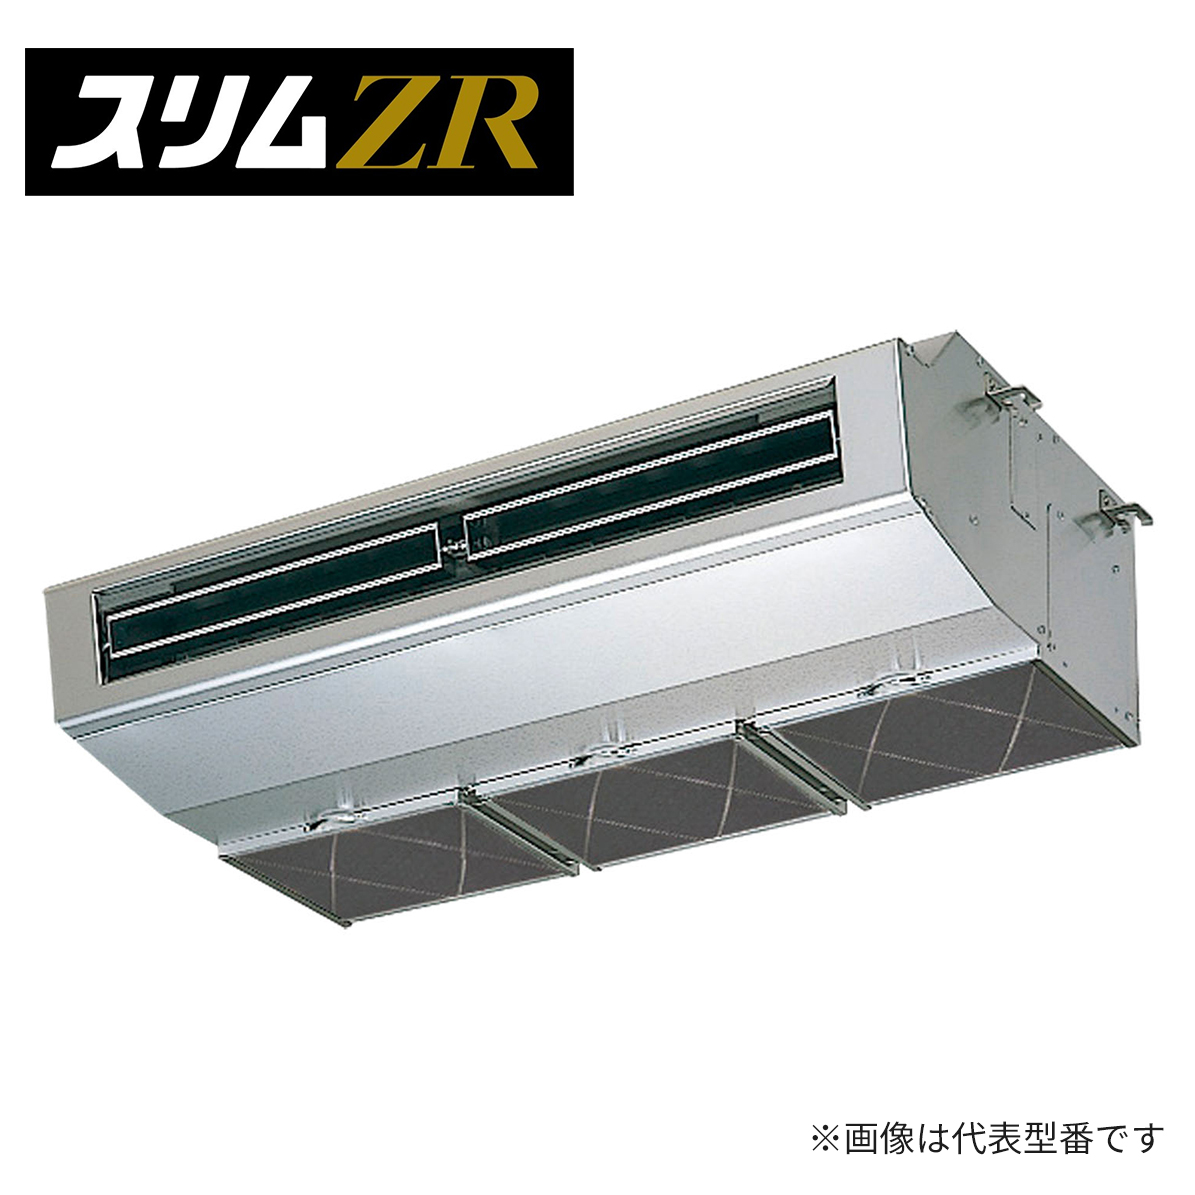 ###三菱 業務用エアコン【PCZ-ZRMP80SHR】スリムZR 厨房用(天吊形) 標準シングル 単相200V 3馬力